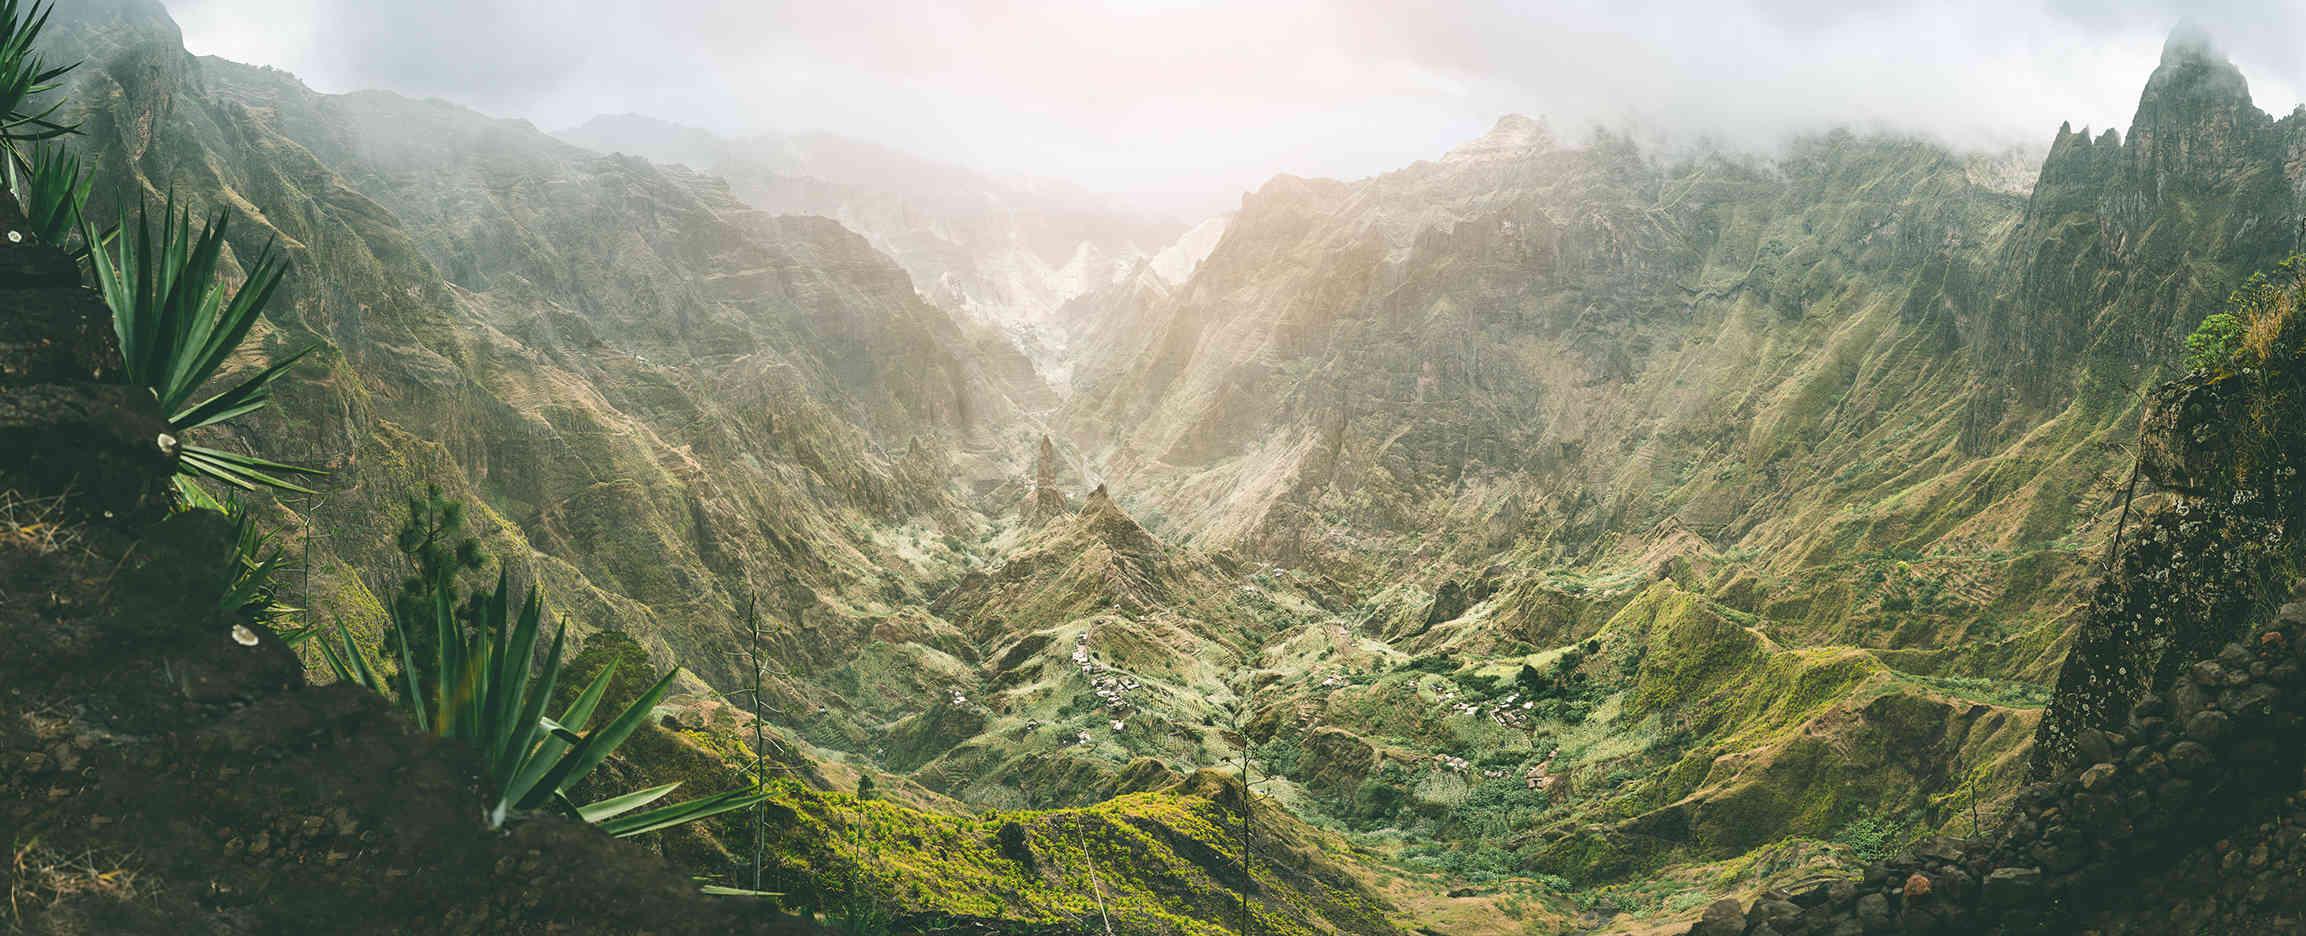 cabo verde destino turistico emergente valle de paul